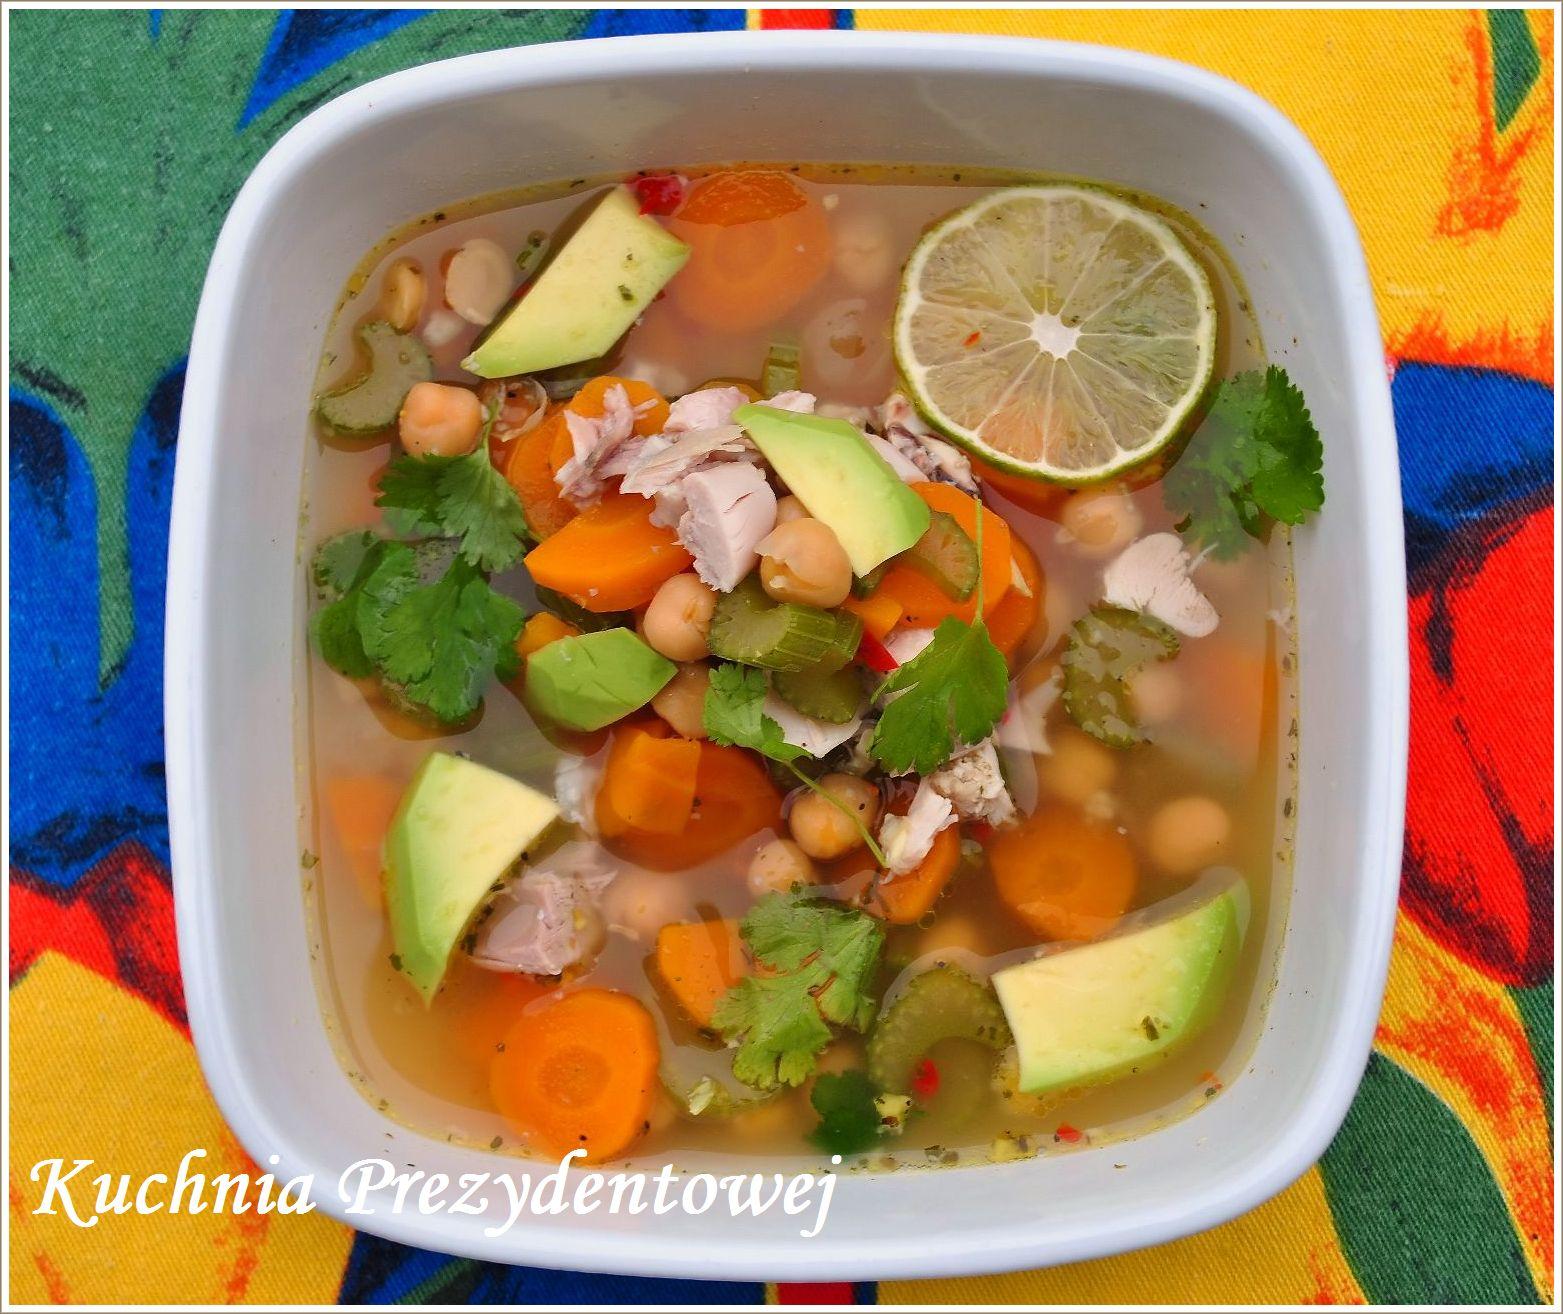 Kuchnia Prezydentowej Meksykańska Zupa Z Kurczakiem I